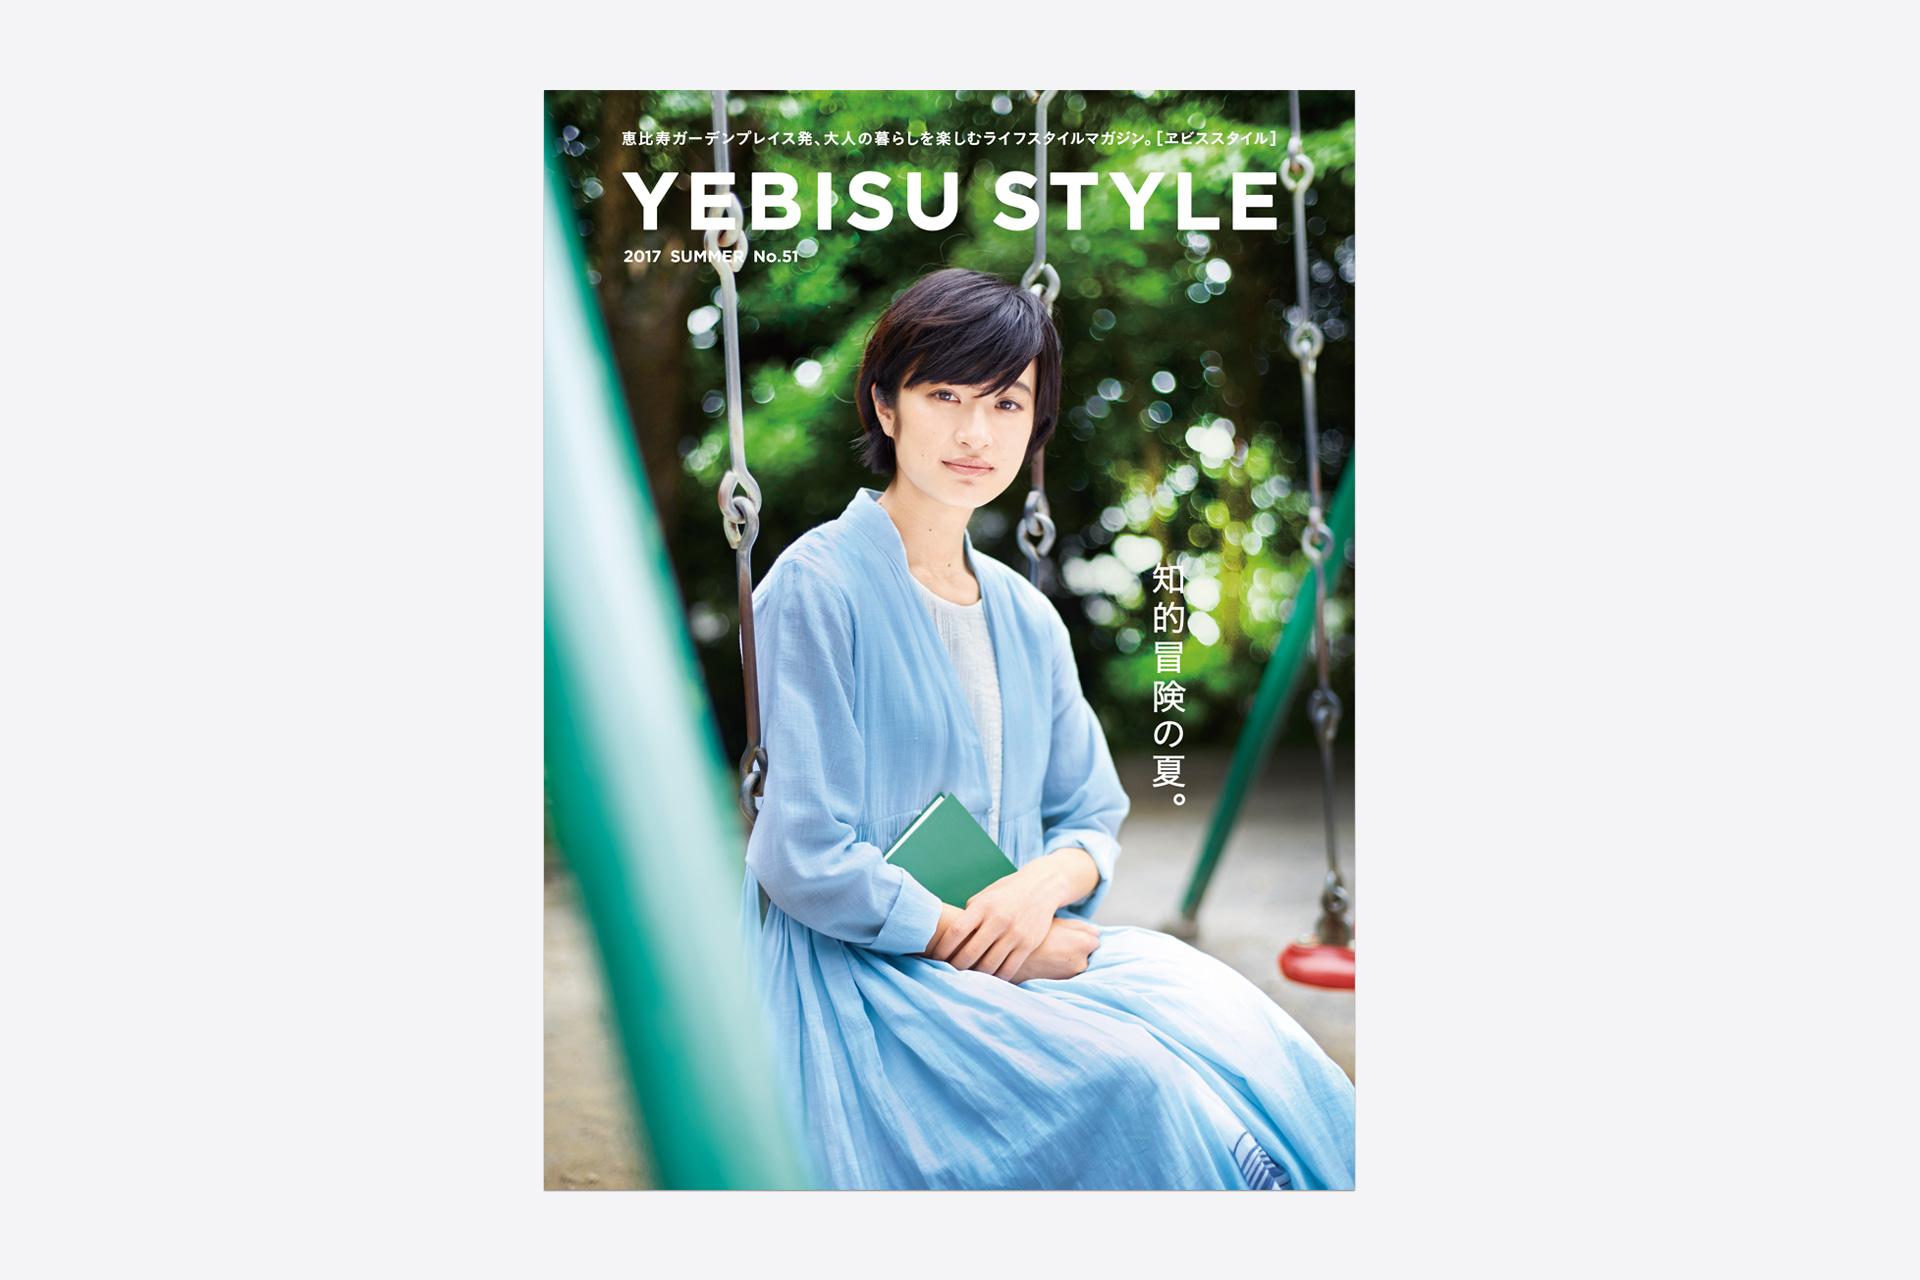 YEBISU STYLE vol.51